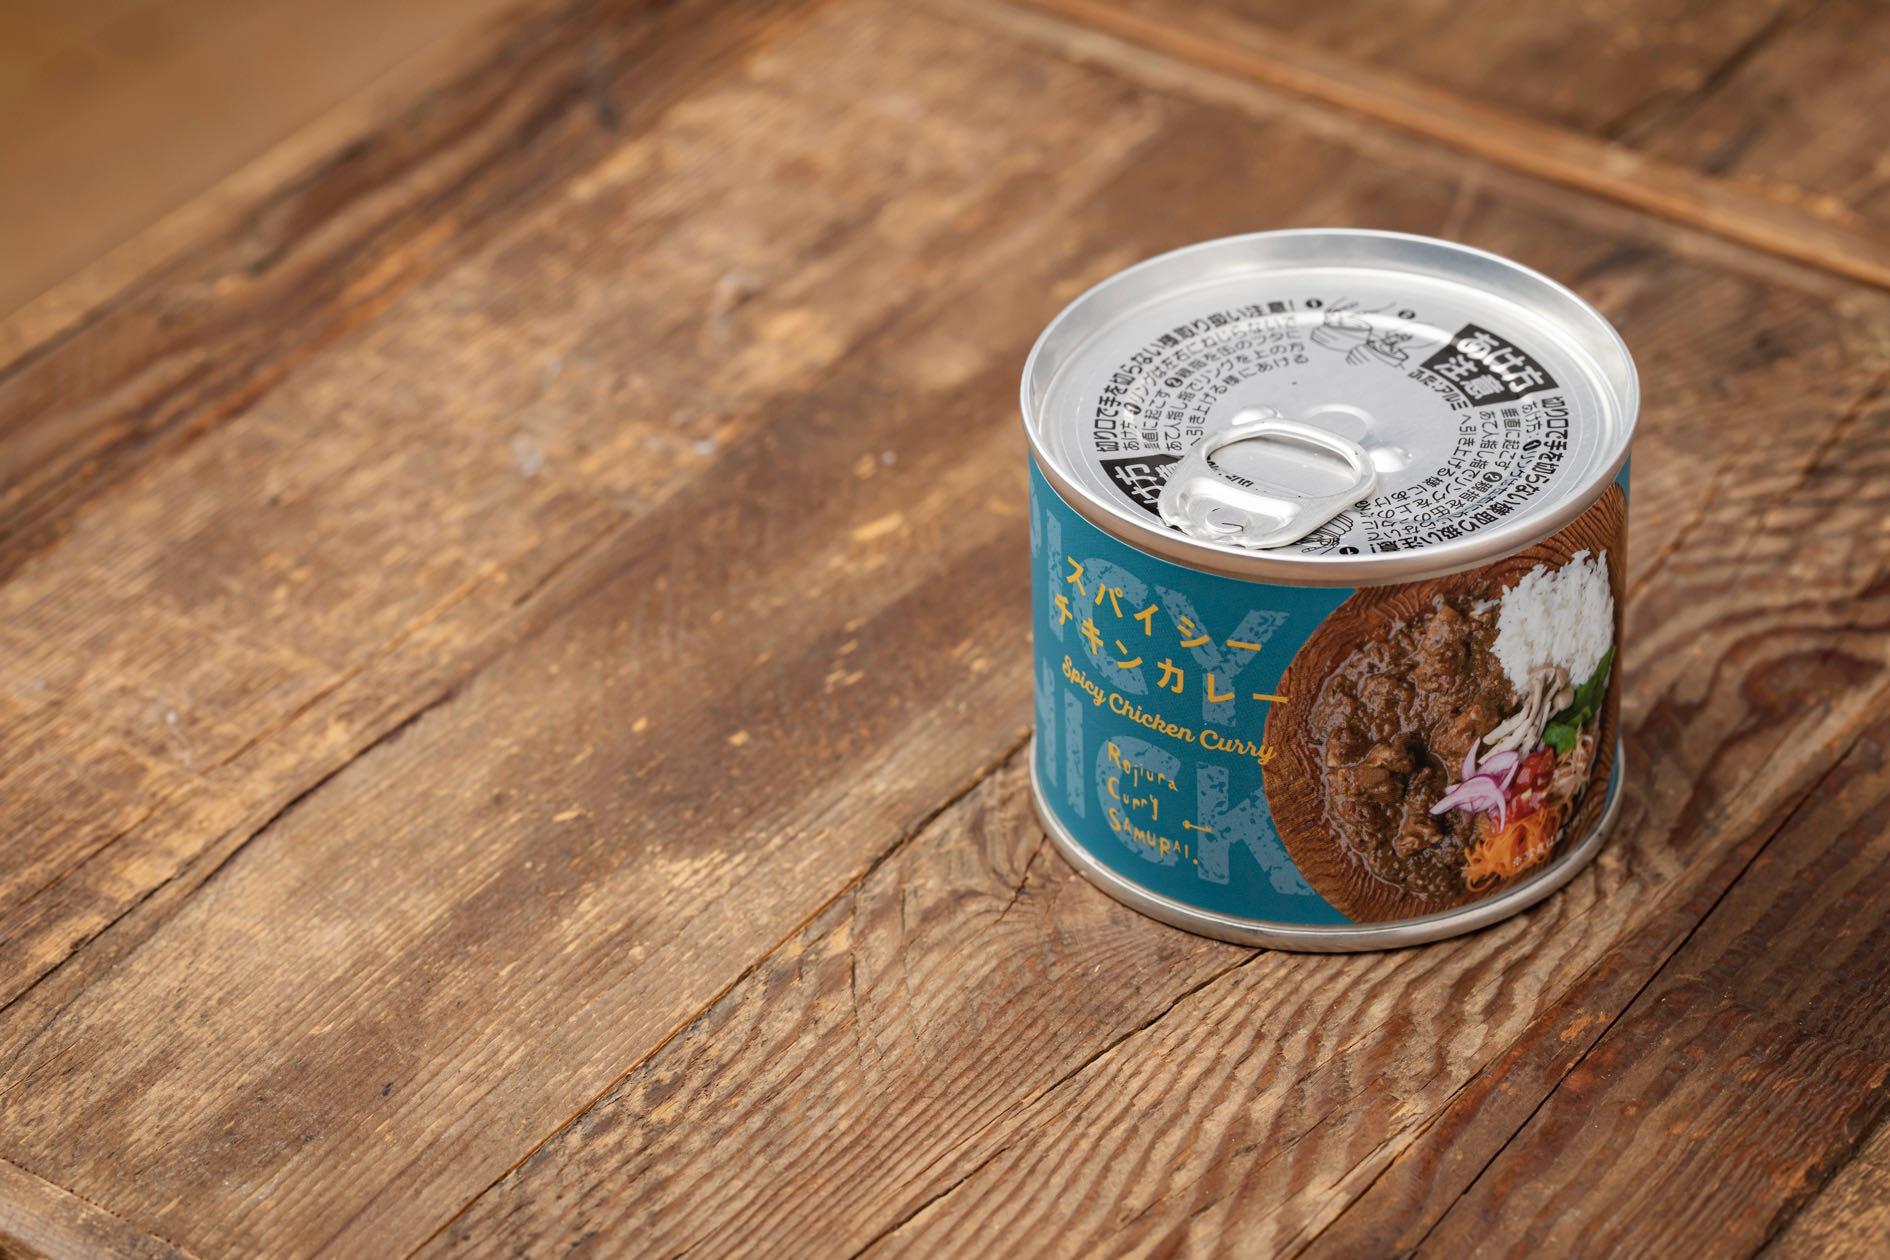 スープカレー侍のレトルト商品「スパイシーチキンカレー缶詰」